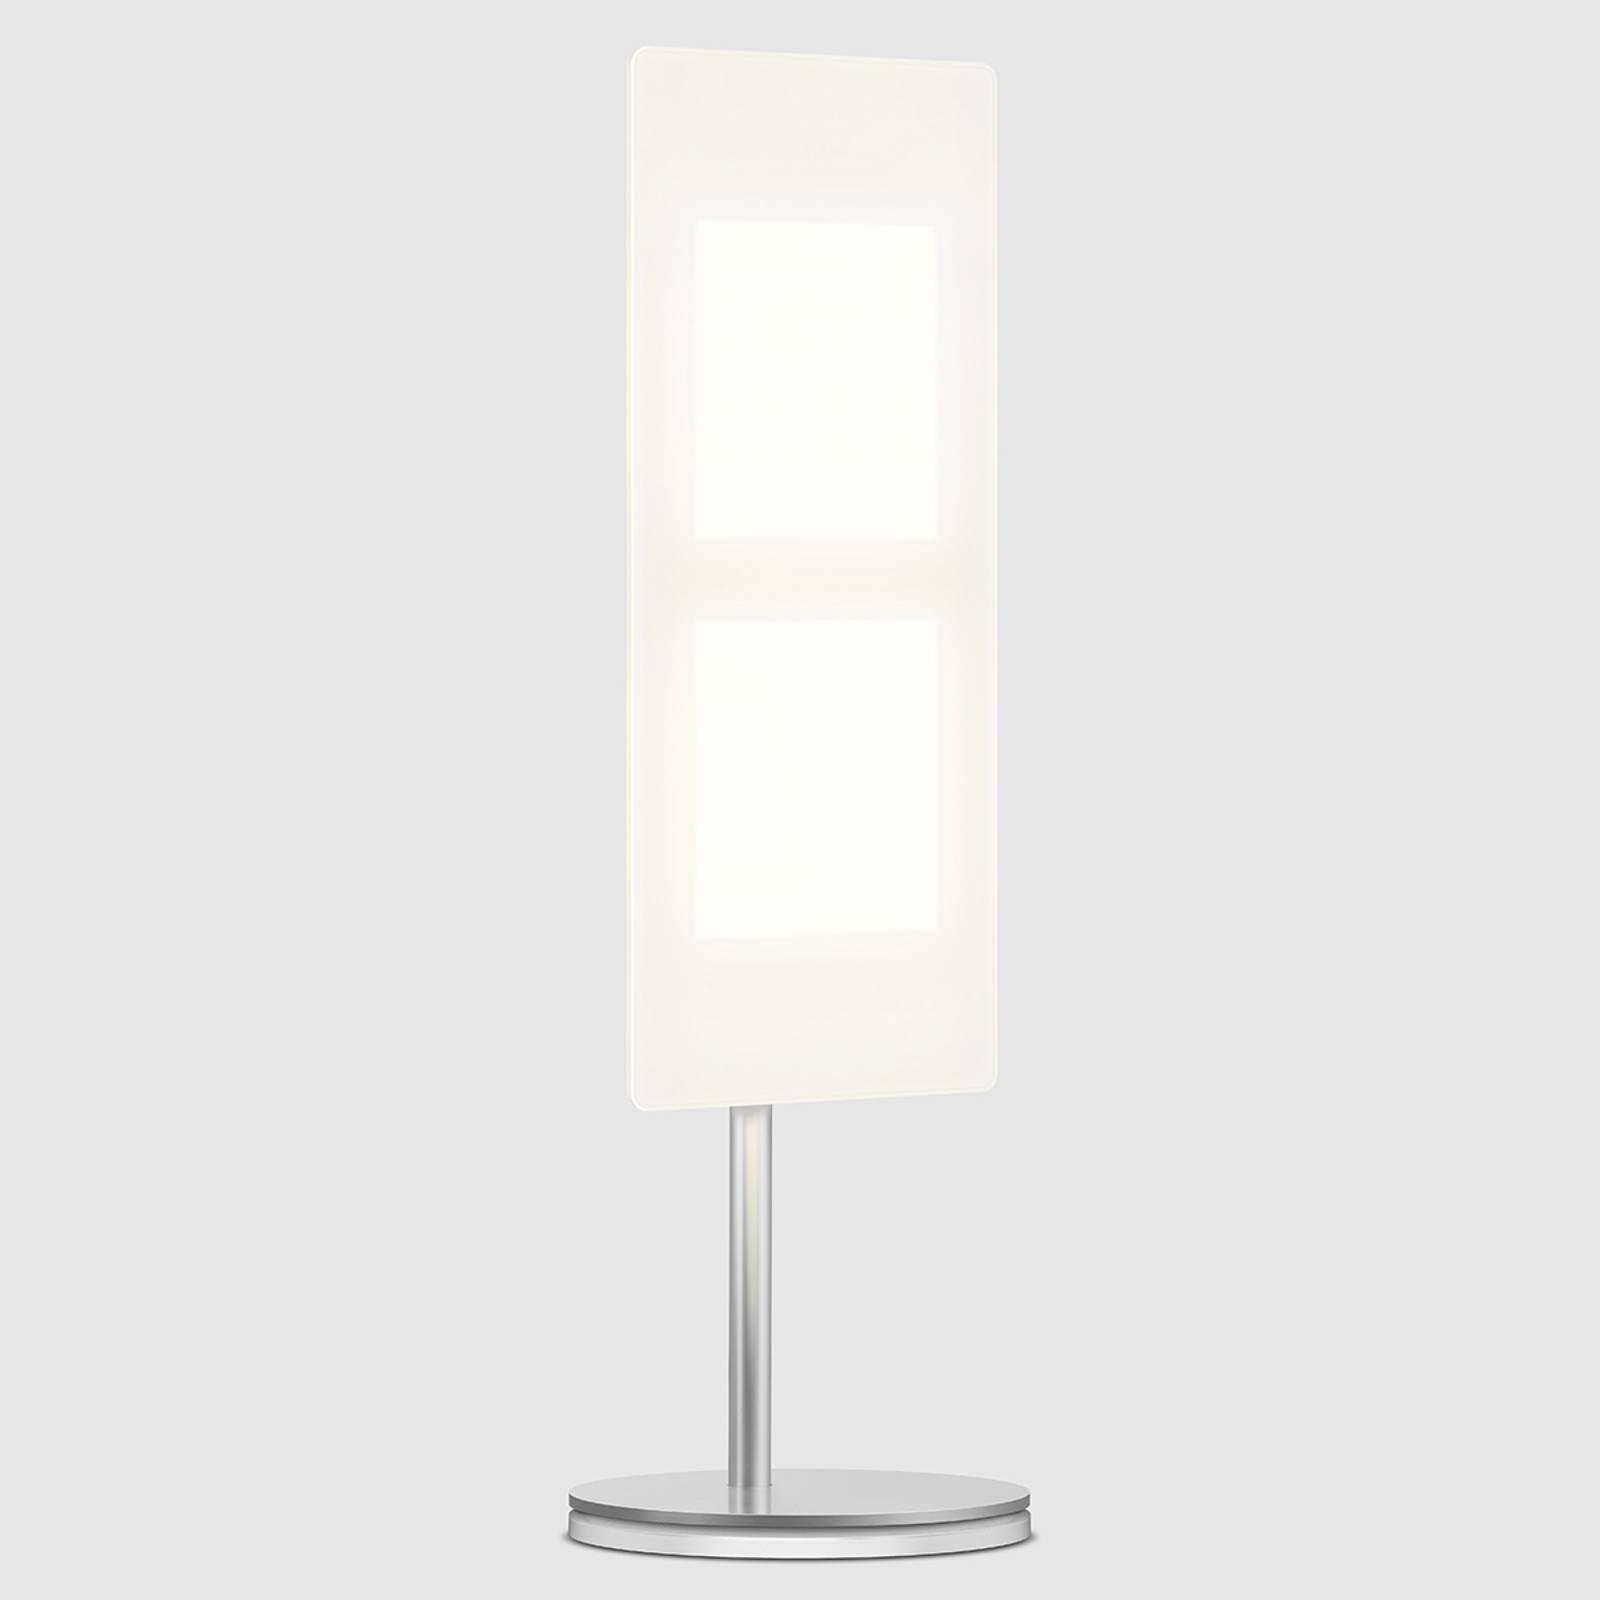 OLED-pöytävalo OMLED One t2, valkoinen, 47,8 cm